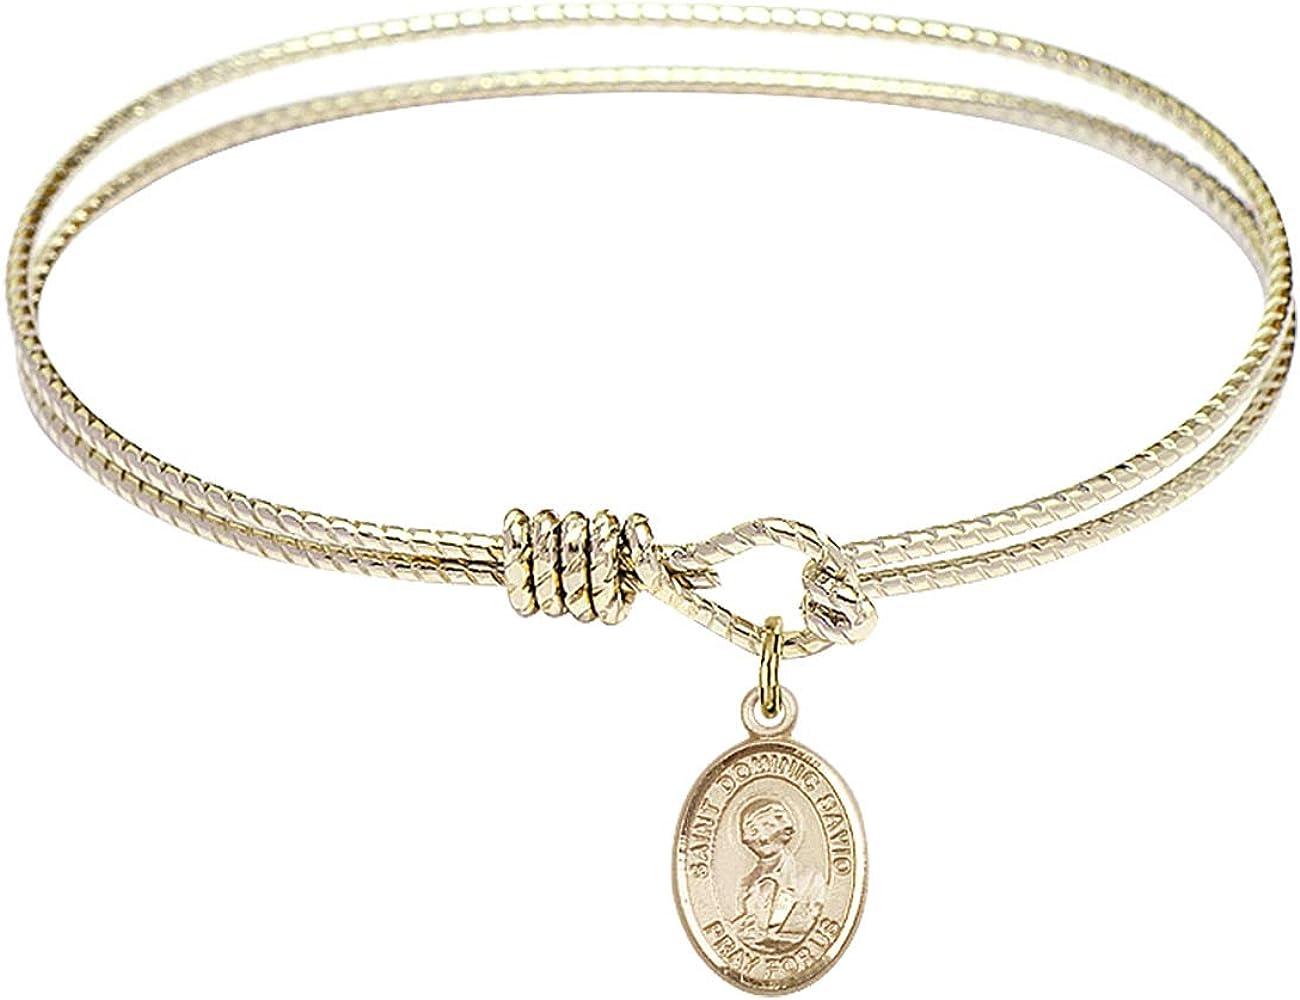 DiamondJewelryNY Eye Hook Bangle depot Bracelet Max 75% OFF Dominic with Sav St. A